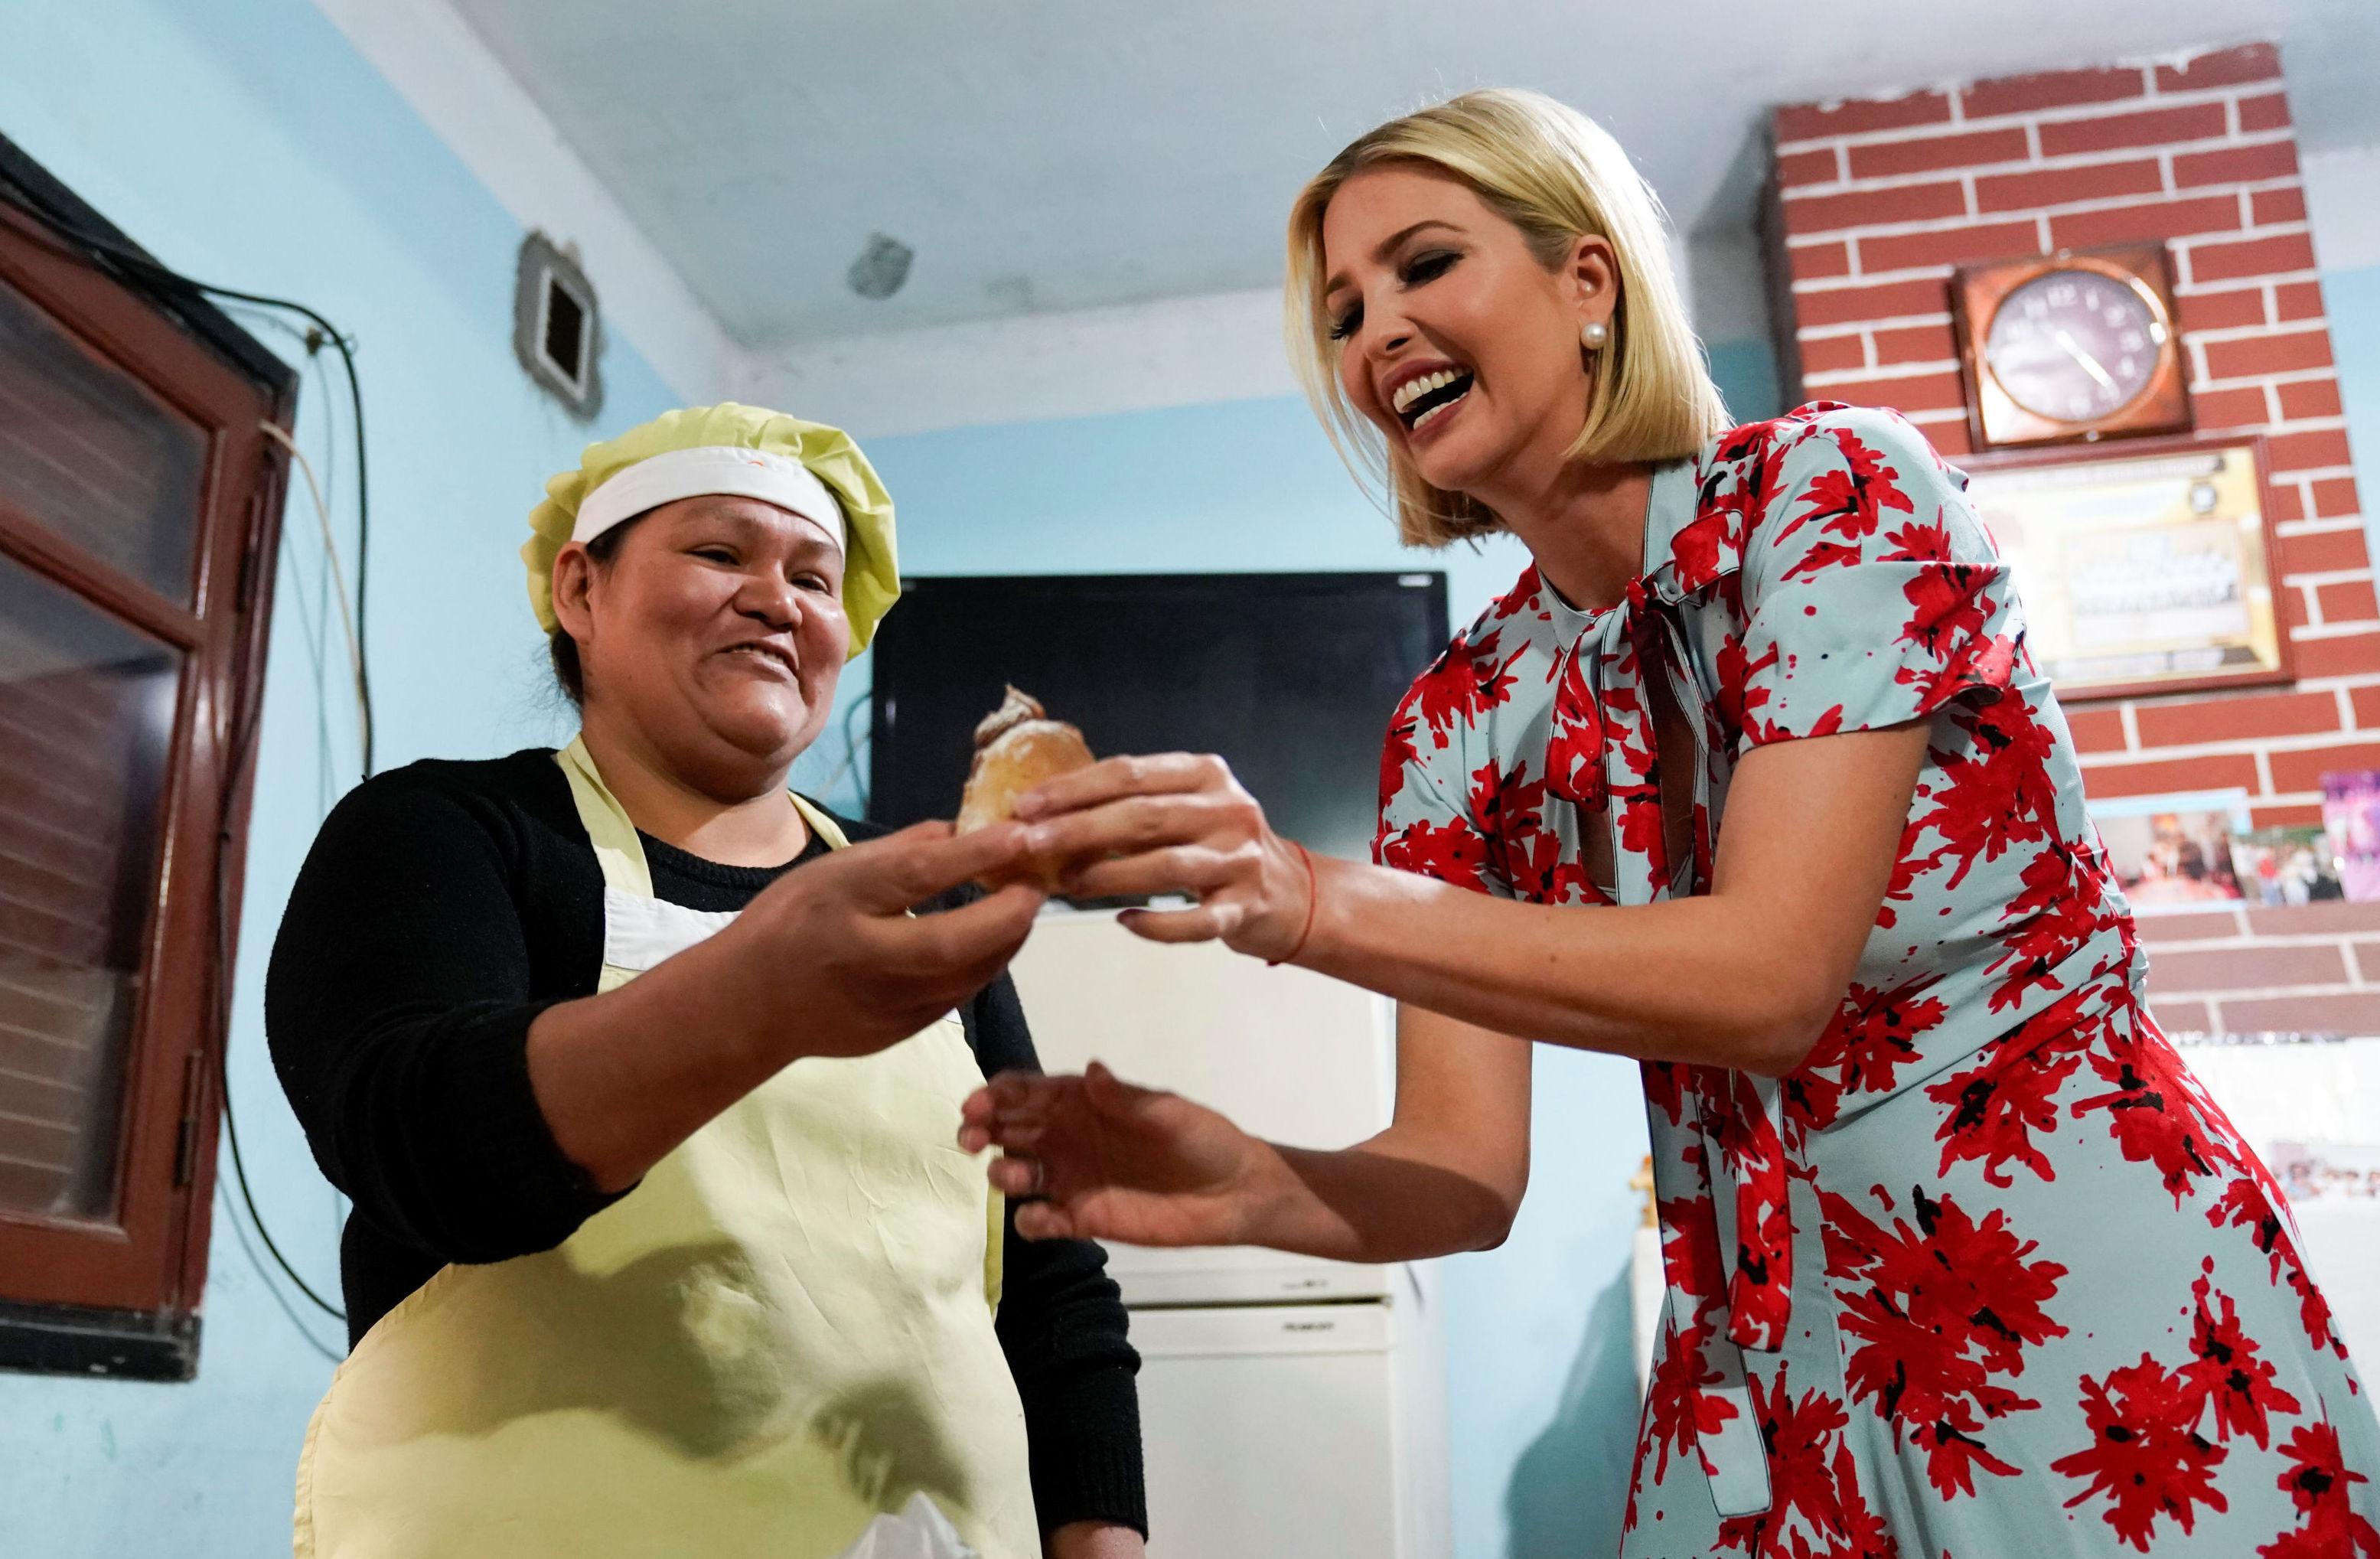 Ivanka Trump prueba una porción de dulce de leche durante su visita a Jujuy